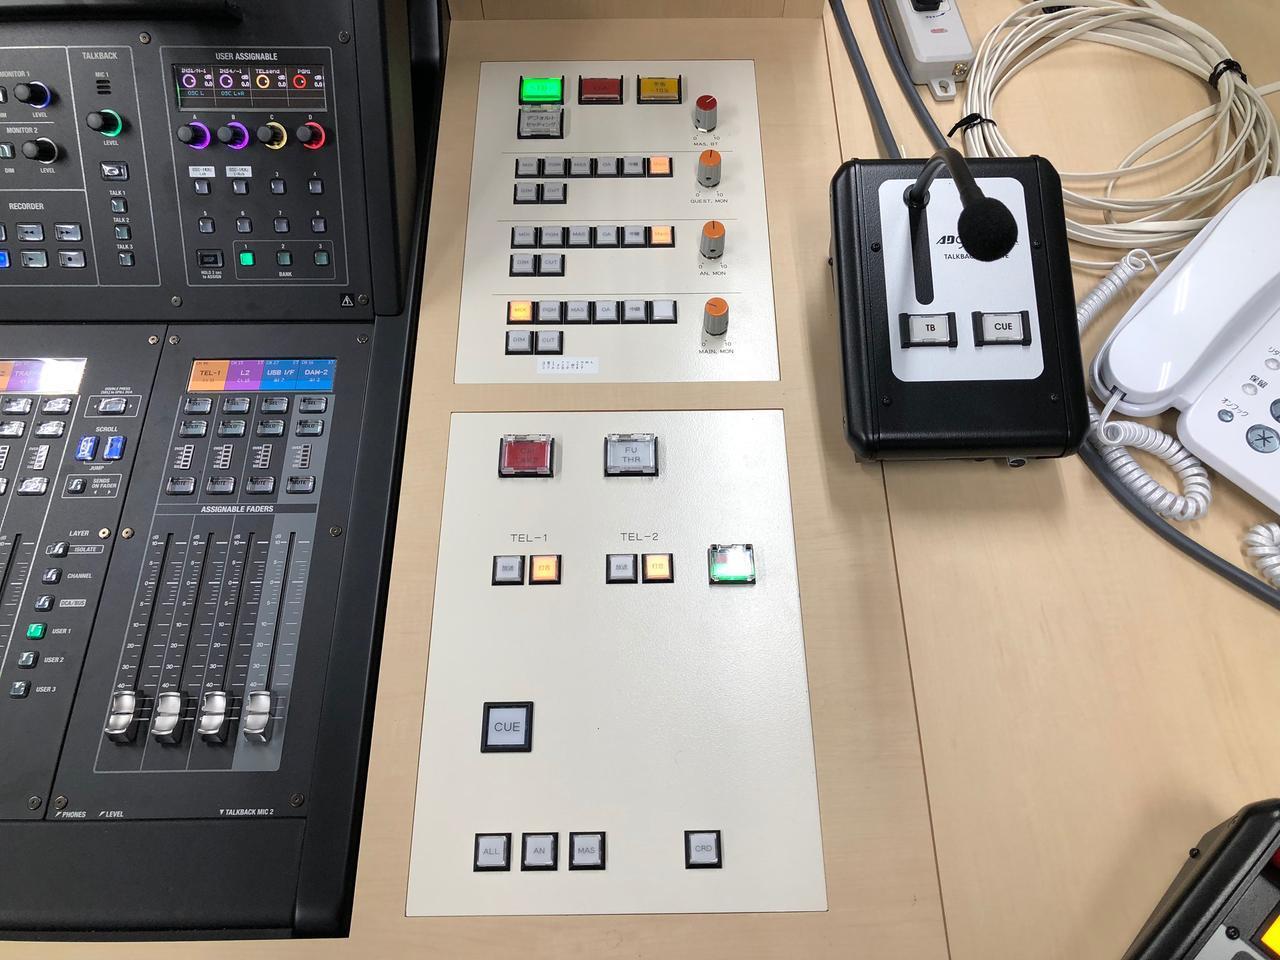 画像: 「M-5000」が埋め込まれた特注デスクは、回線やモニターの切り替えボタンなどを搭載。これによって機材慣れしていない人でも簡単に操作できるようになっている